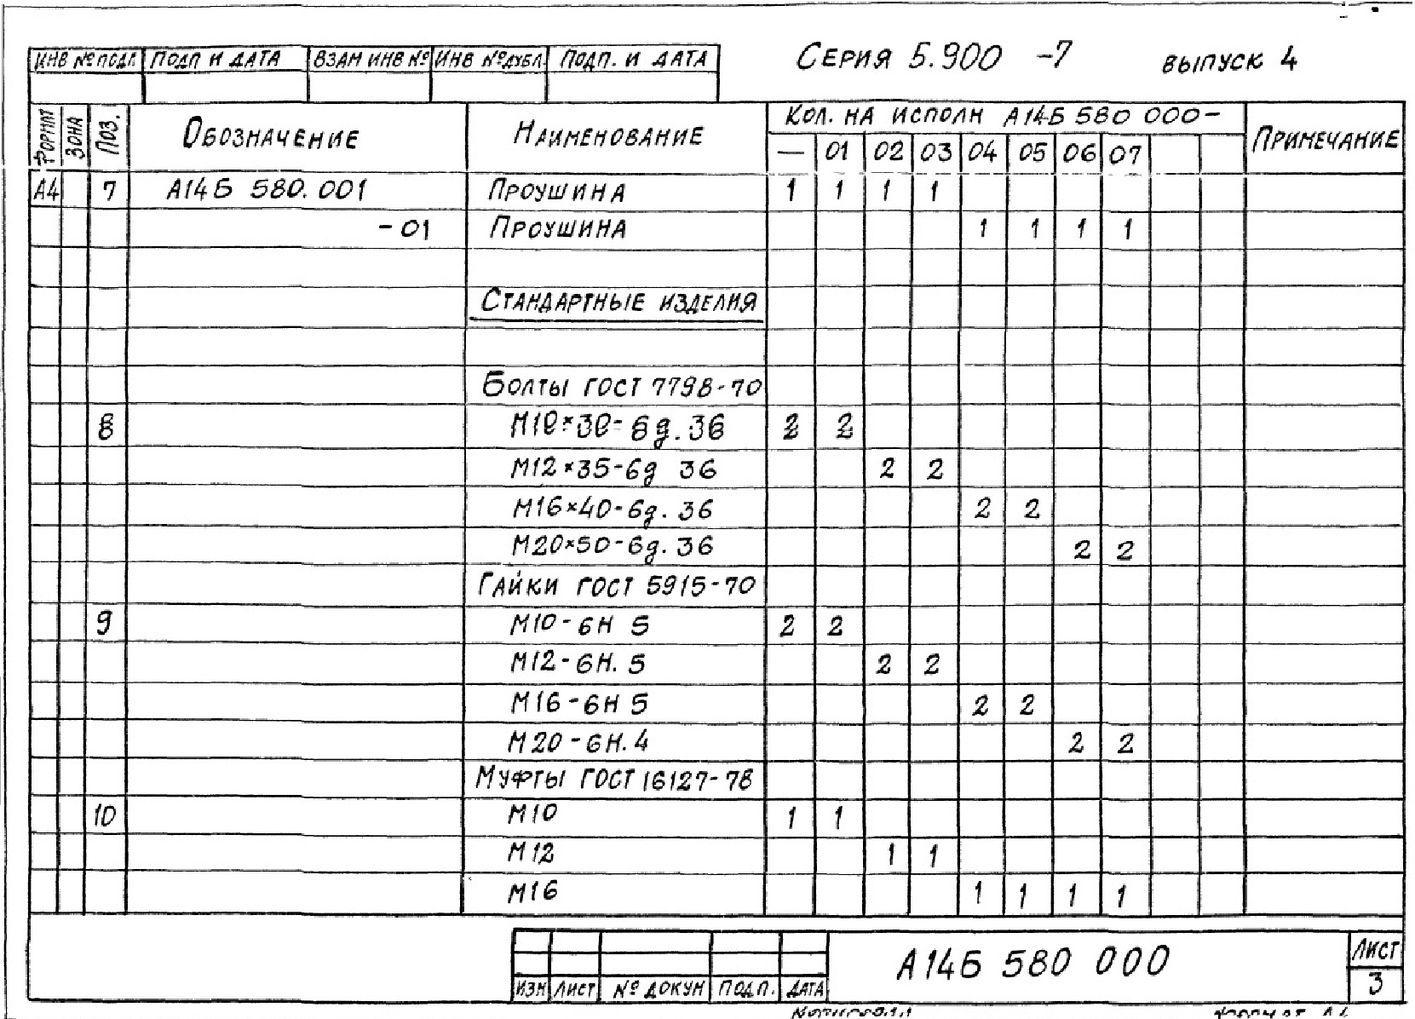 Опора подвесная А14Б 580.000 СБ Серия 5.900-7 выпуск 4 стр.3